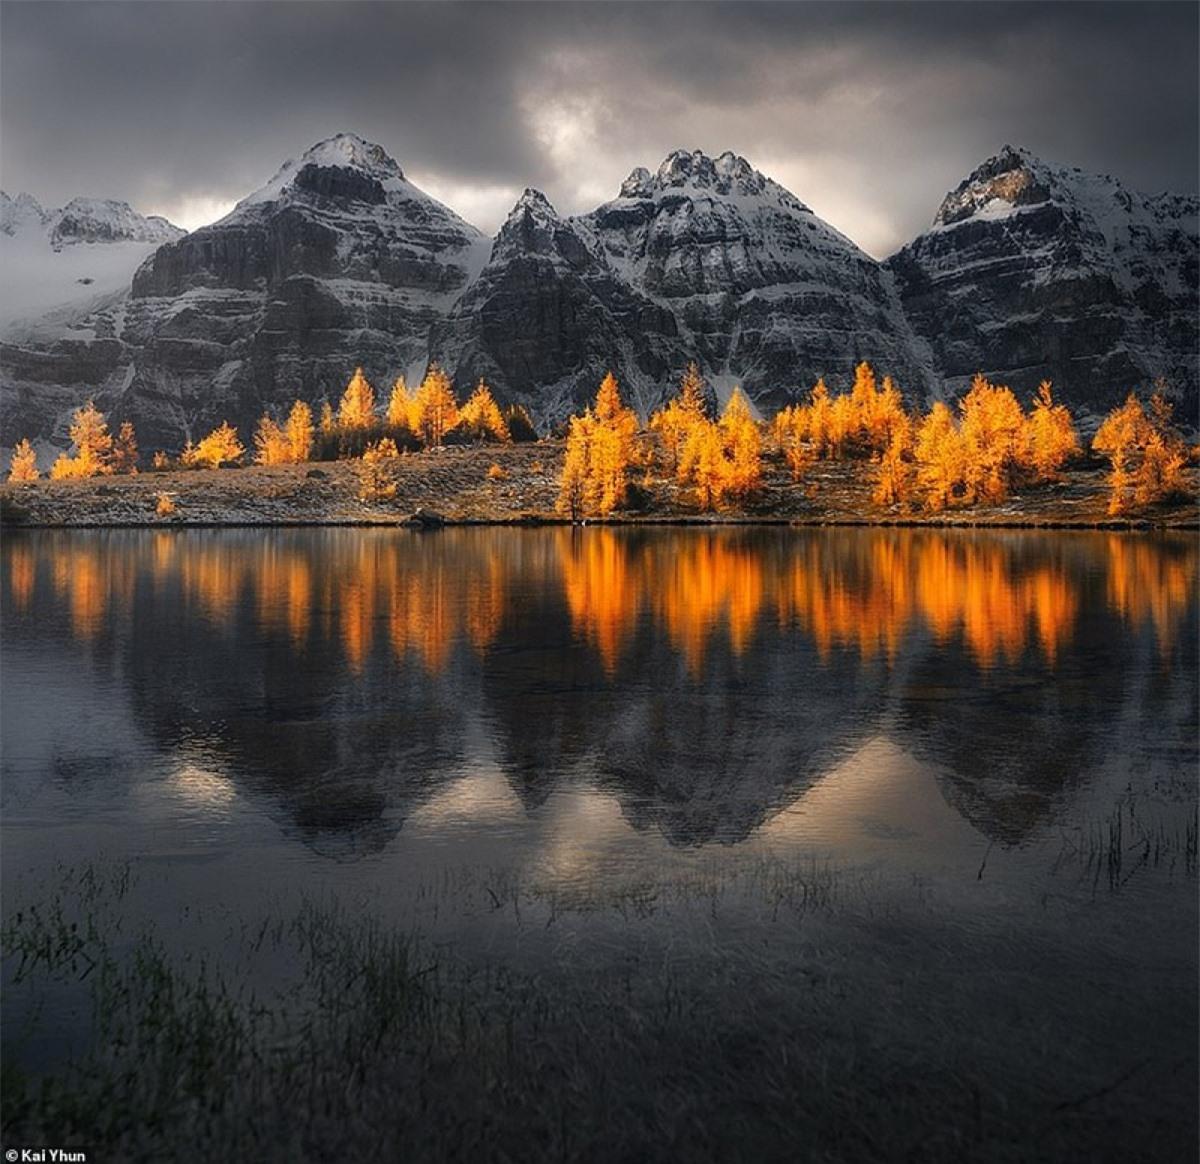 Cảnh mùa thu tại Hồ Moraine, nơi được trông coi bởi một số ngọn núi cheo leo hơn 10.000ft, tạo thành Thung lũng của Mười Đỉnh.